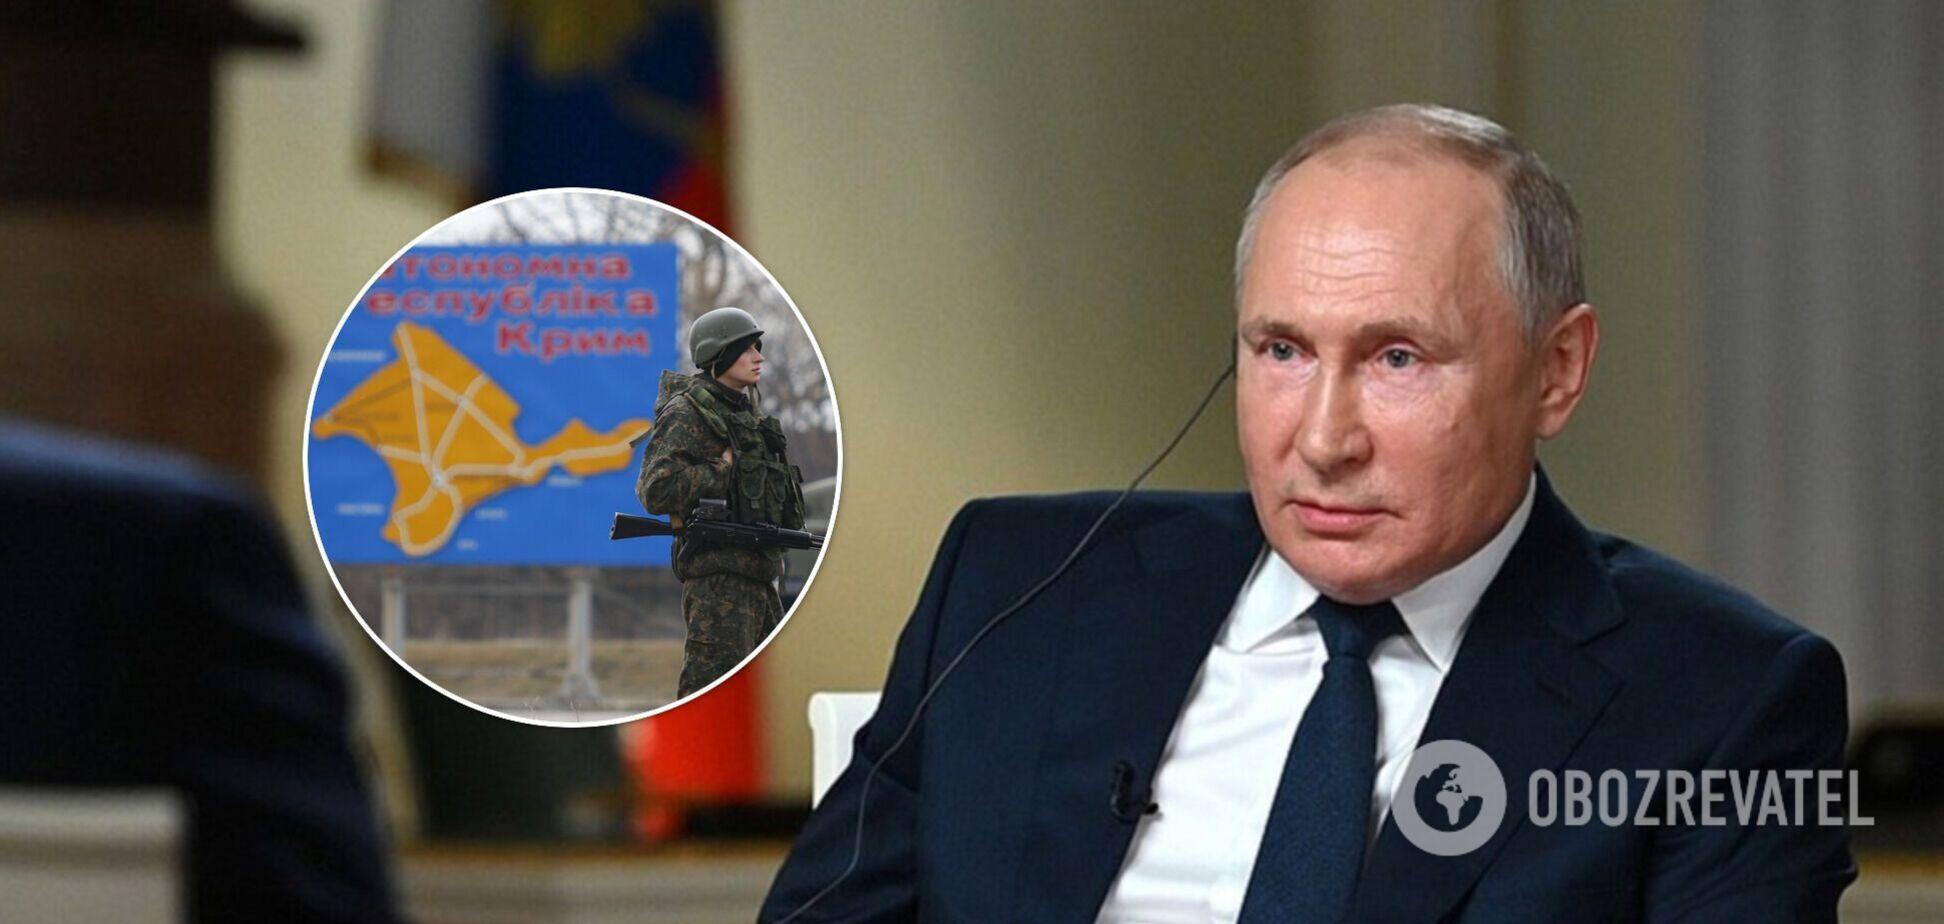 Путін заявив, що діяв 'адекватно' під час захоплення Криму